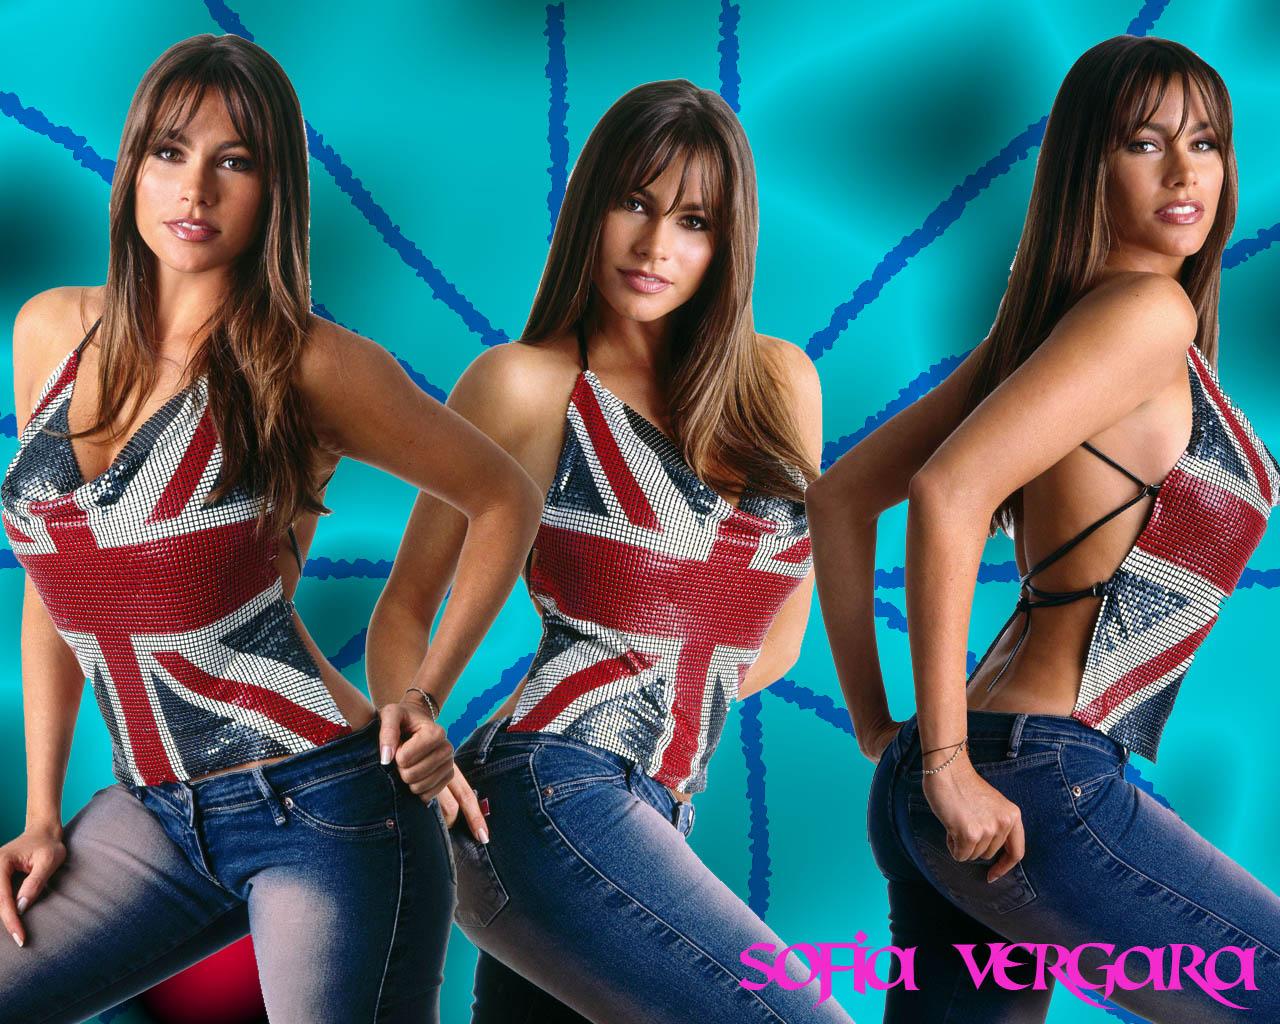 http://4.bp.blogspot.com/_XmYwA_GdPeo/TUnROF1xSnI/AAAAAAAARLc/yon4J_8IF7s/s1600/sofia_vergara_5.jpg